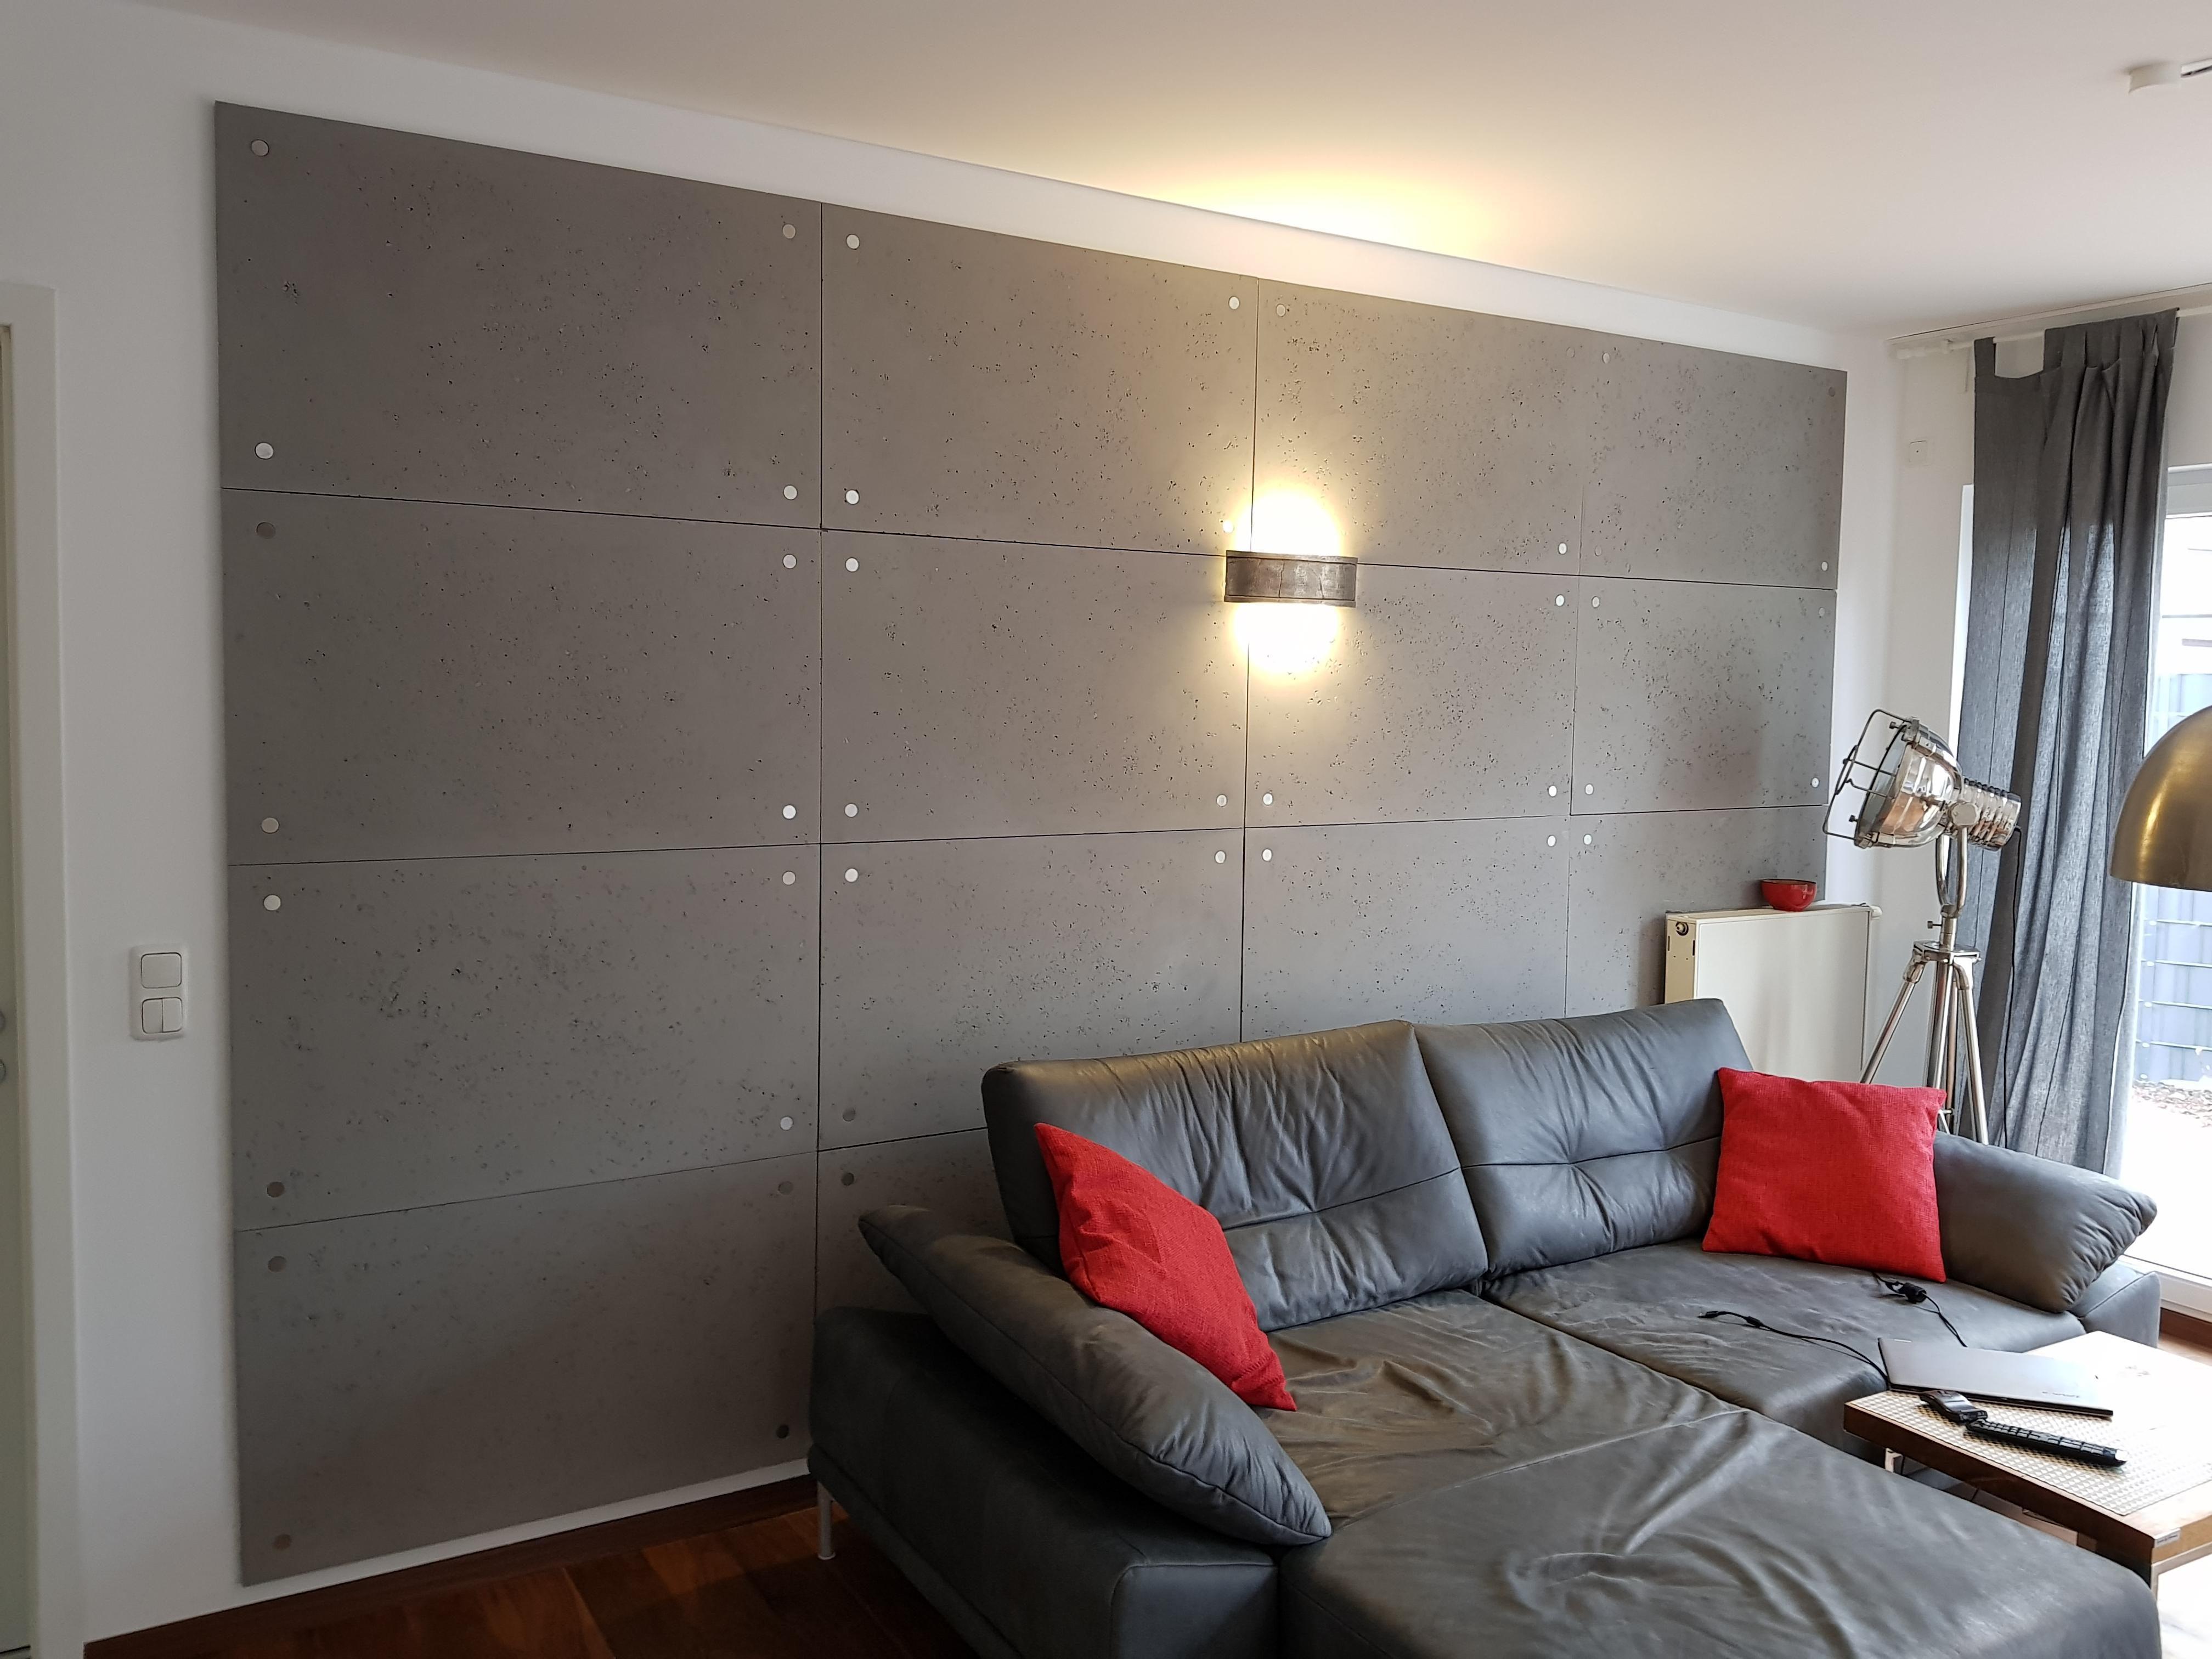 Modernes #Wohnzimmer #wandgestaltung In #betondesign